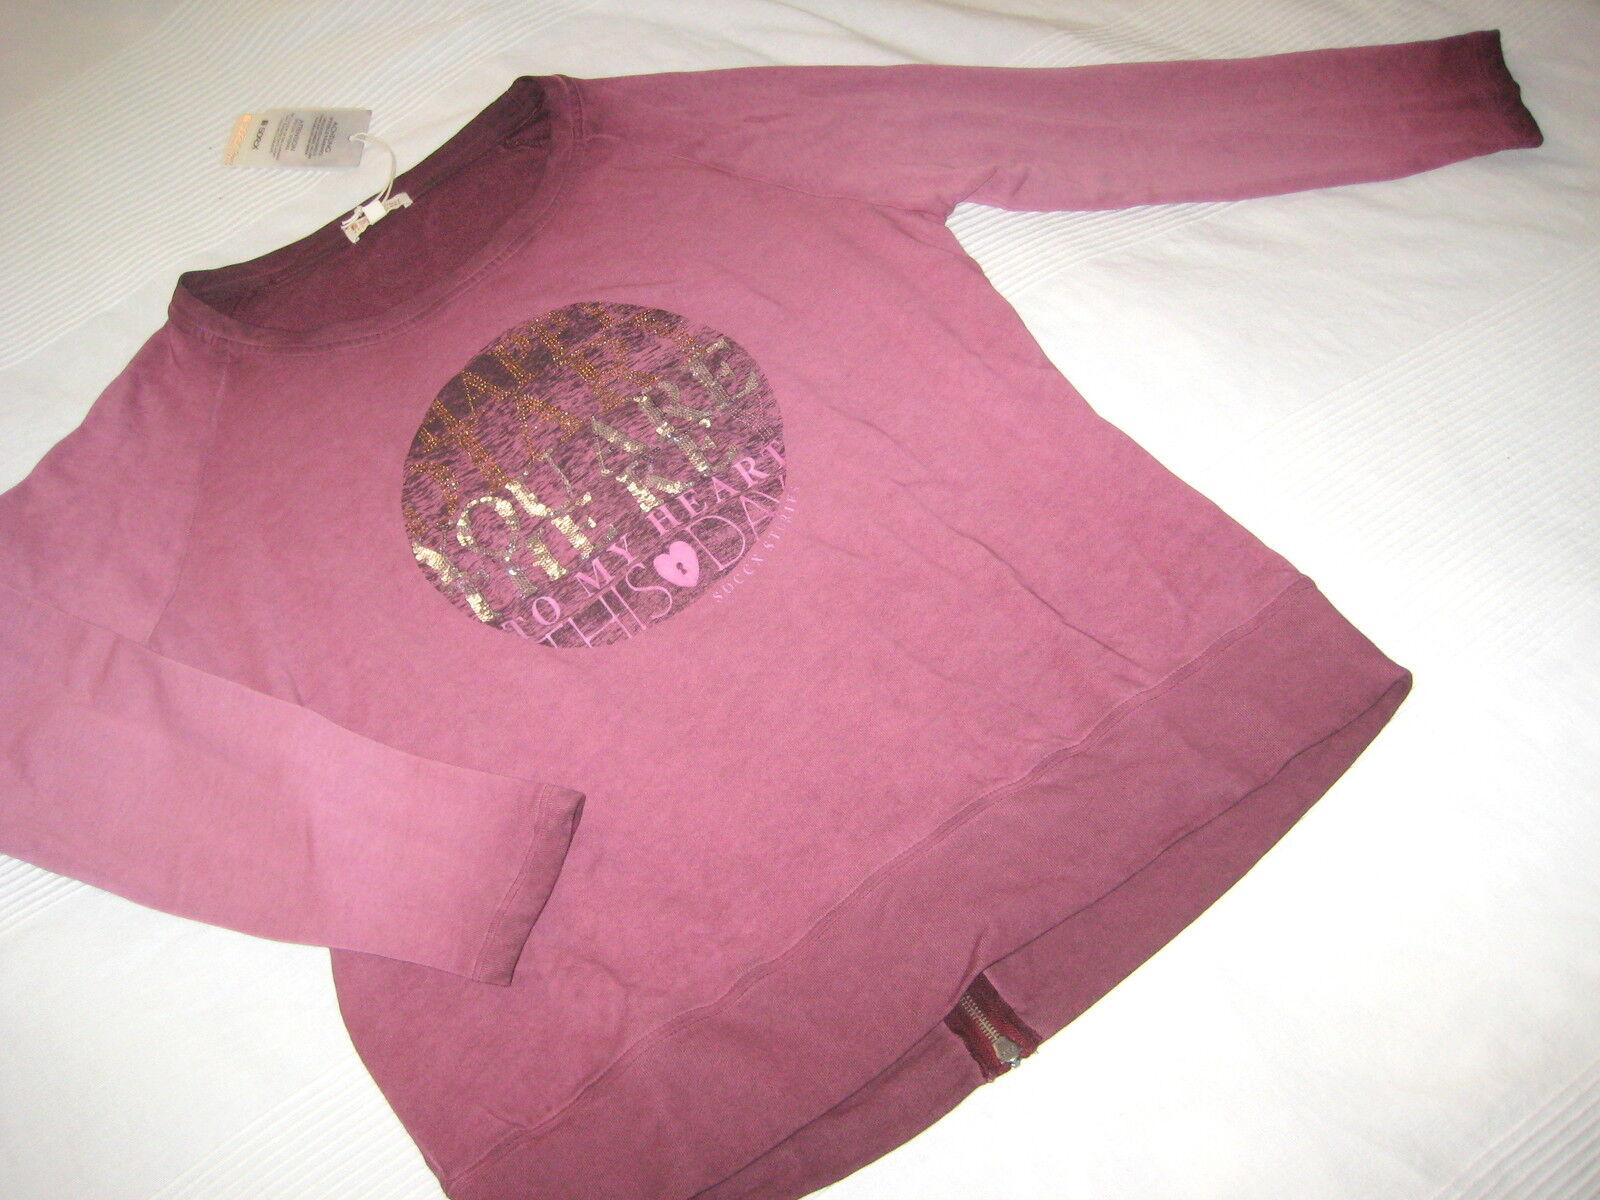 SOCCX Sweat SHIRT Autumn Diaries burgundy rot Gr. L 40 42 NEU Pailletten